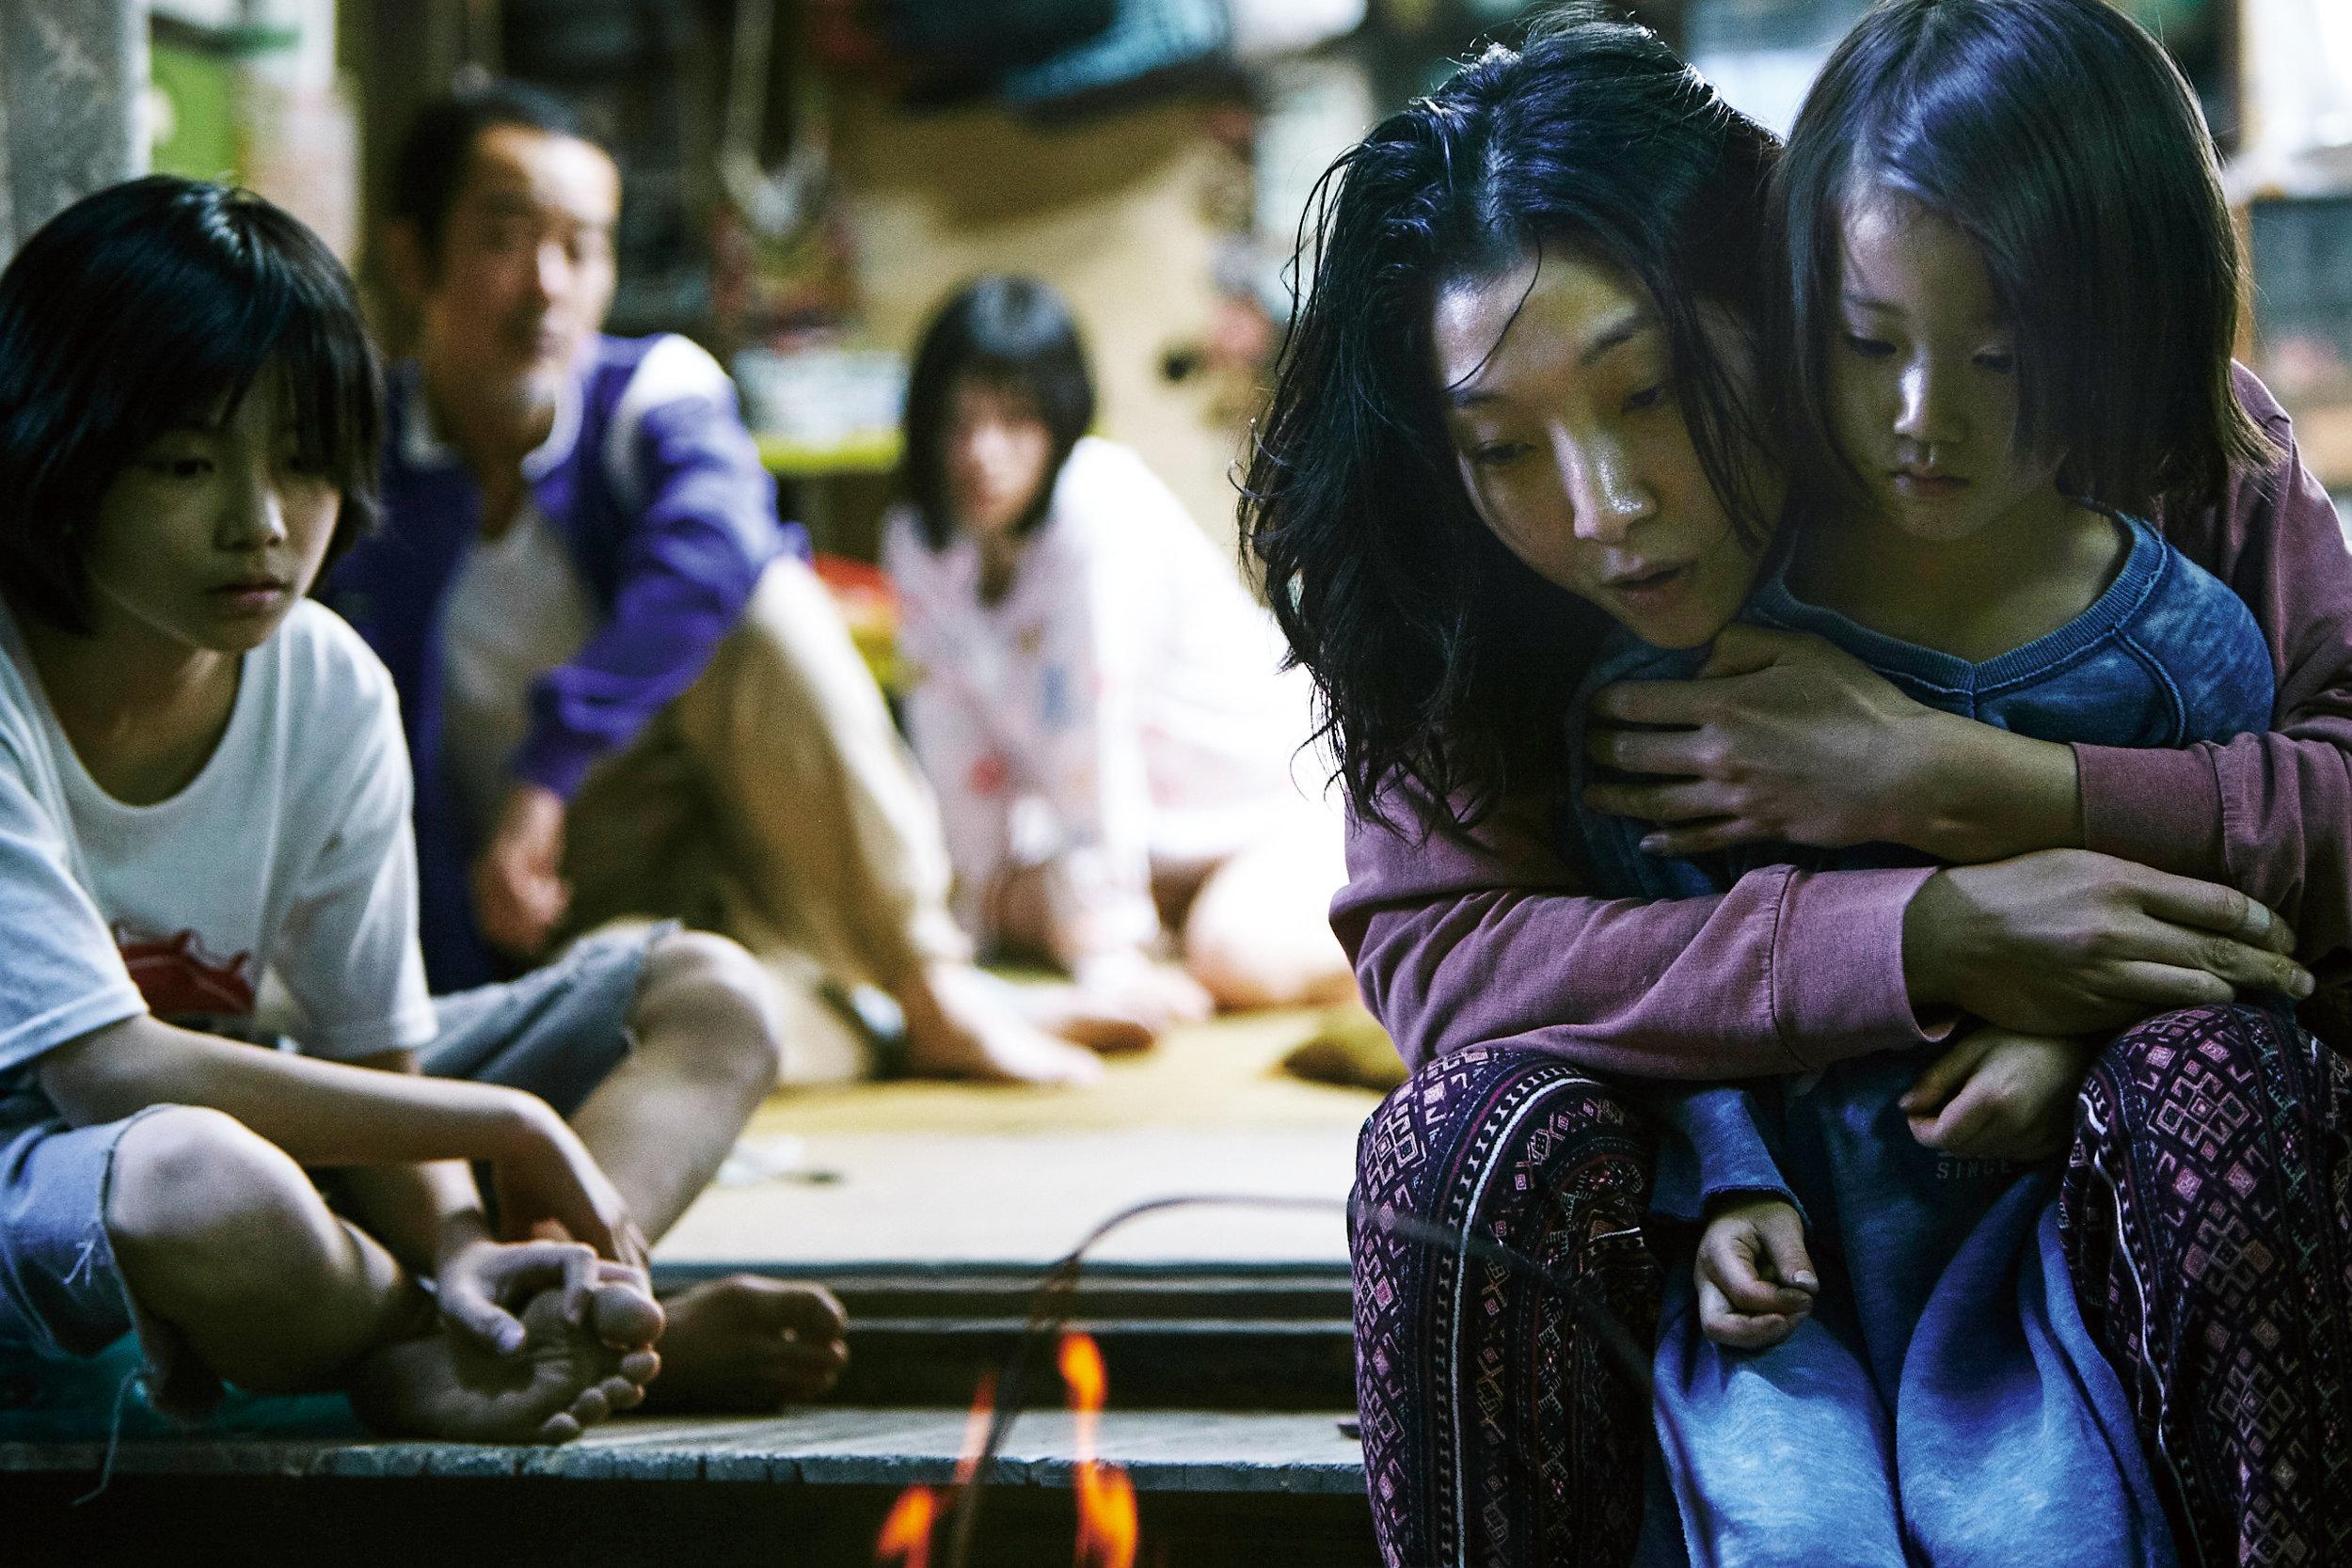 At barn kan ha det godt hos voksne som ikke er deres biologiske foreldre, er et tema Hirokazu Kore-eda er opptatt av. Til høyre tar Nobuyo (Sakura Andô) seg av den forsømte jenta Yuri (Miyu Sasaki). Til venstre sitter Shota (Jyo Kairi) og bak ham familiens farsfigur Osamu og den vakre Aki.